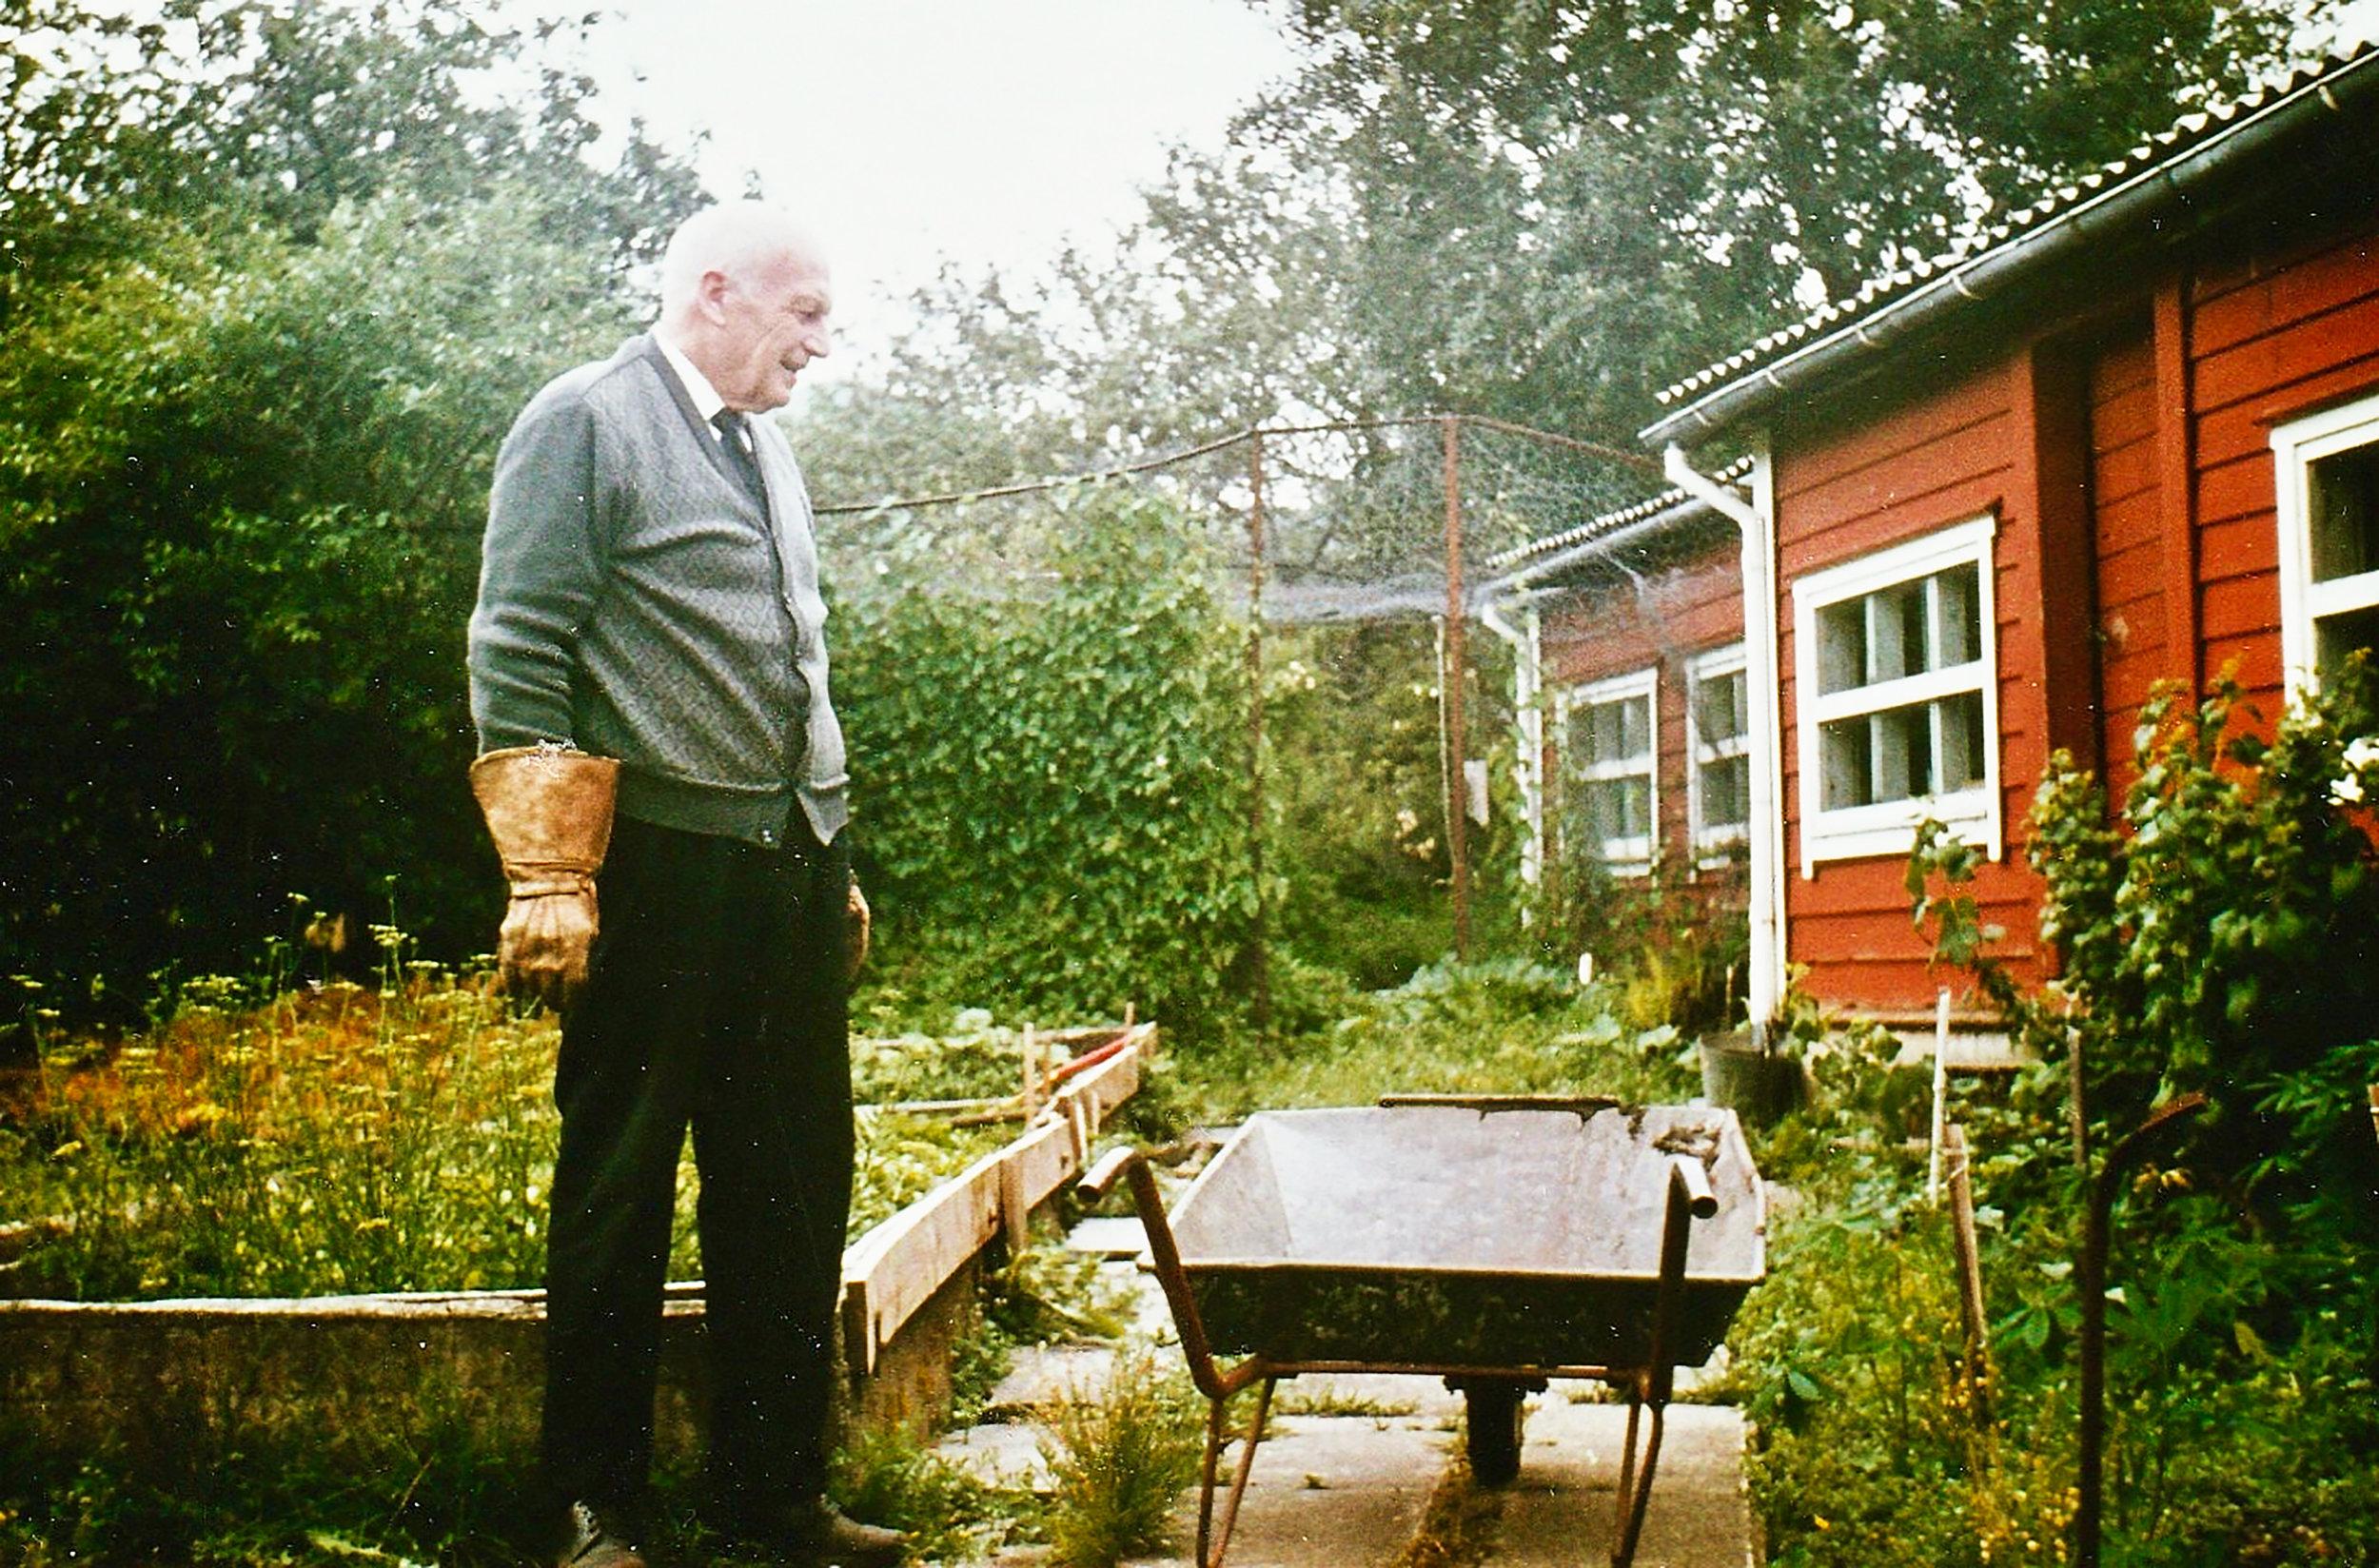 Haugen var alltid pen i tøyet, endatil når han dreiv med hagearbeid. (Ukjend fotograf).